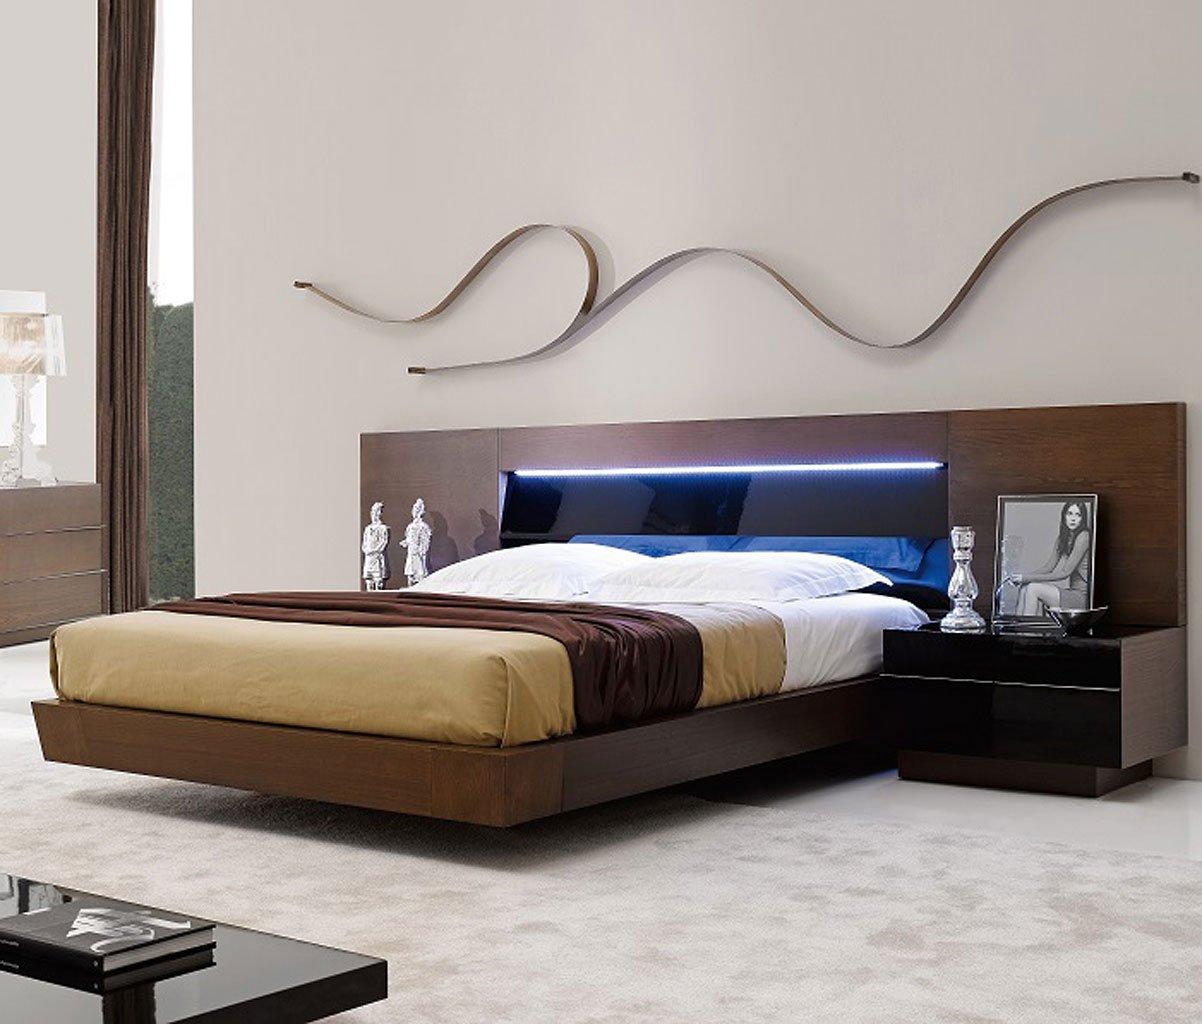 Barcelona Platform Bed By Jm Furniture Furniturepick